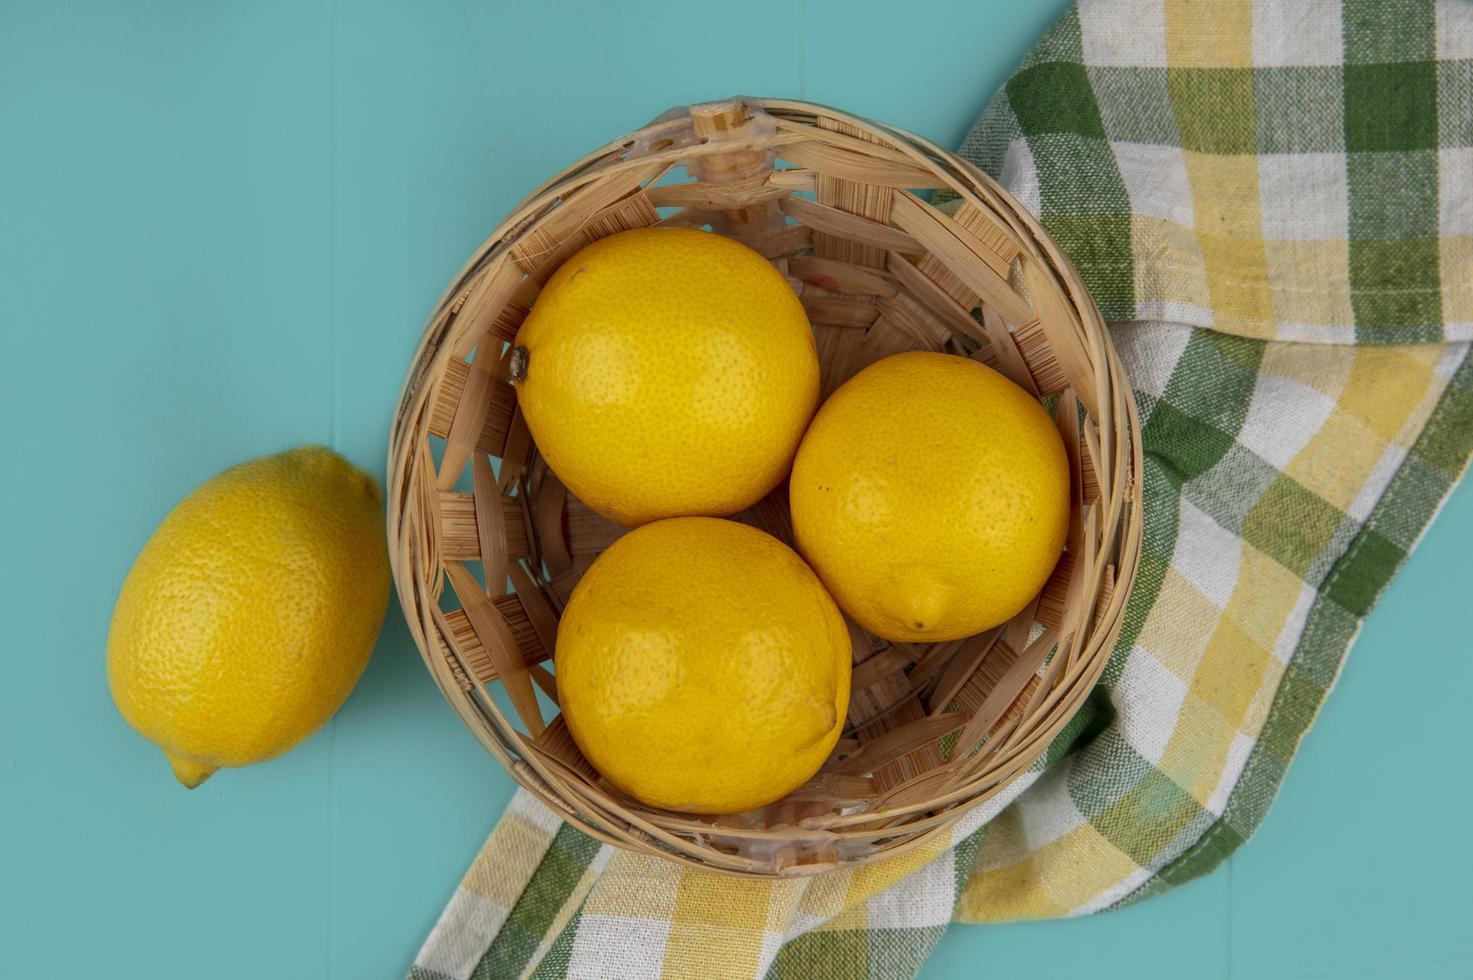 Draufsicht des Zitronenkorbs auf kariertem Stoff und blauem Hintergrund foto